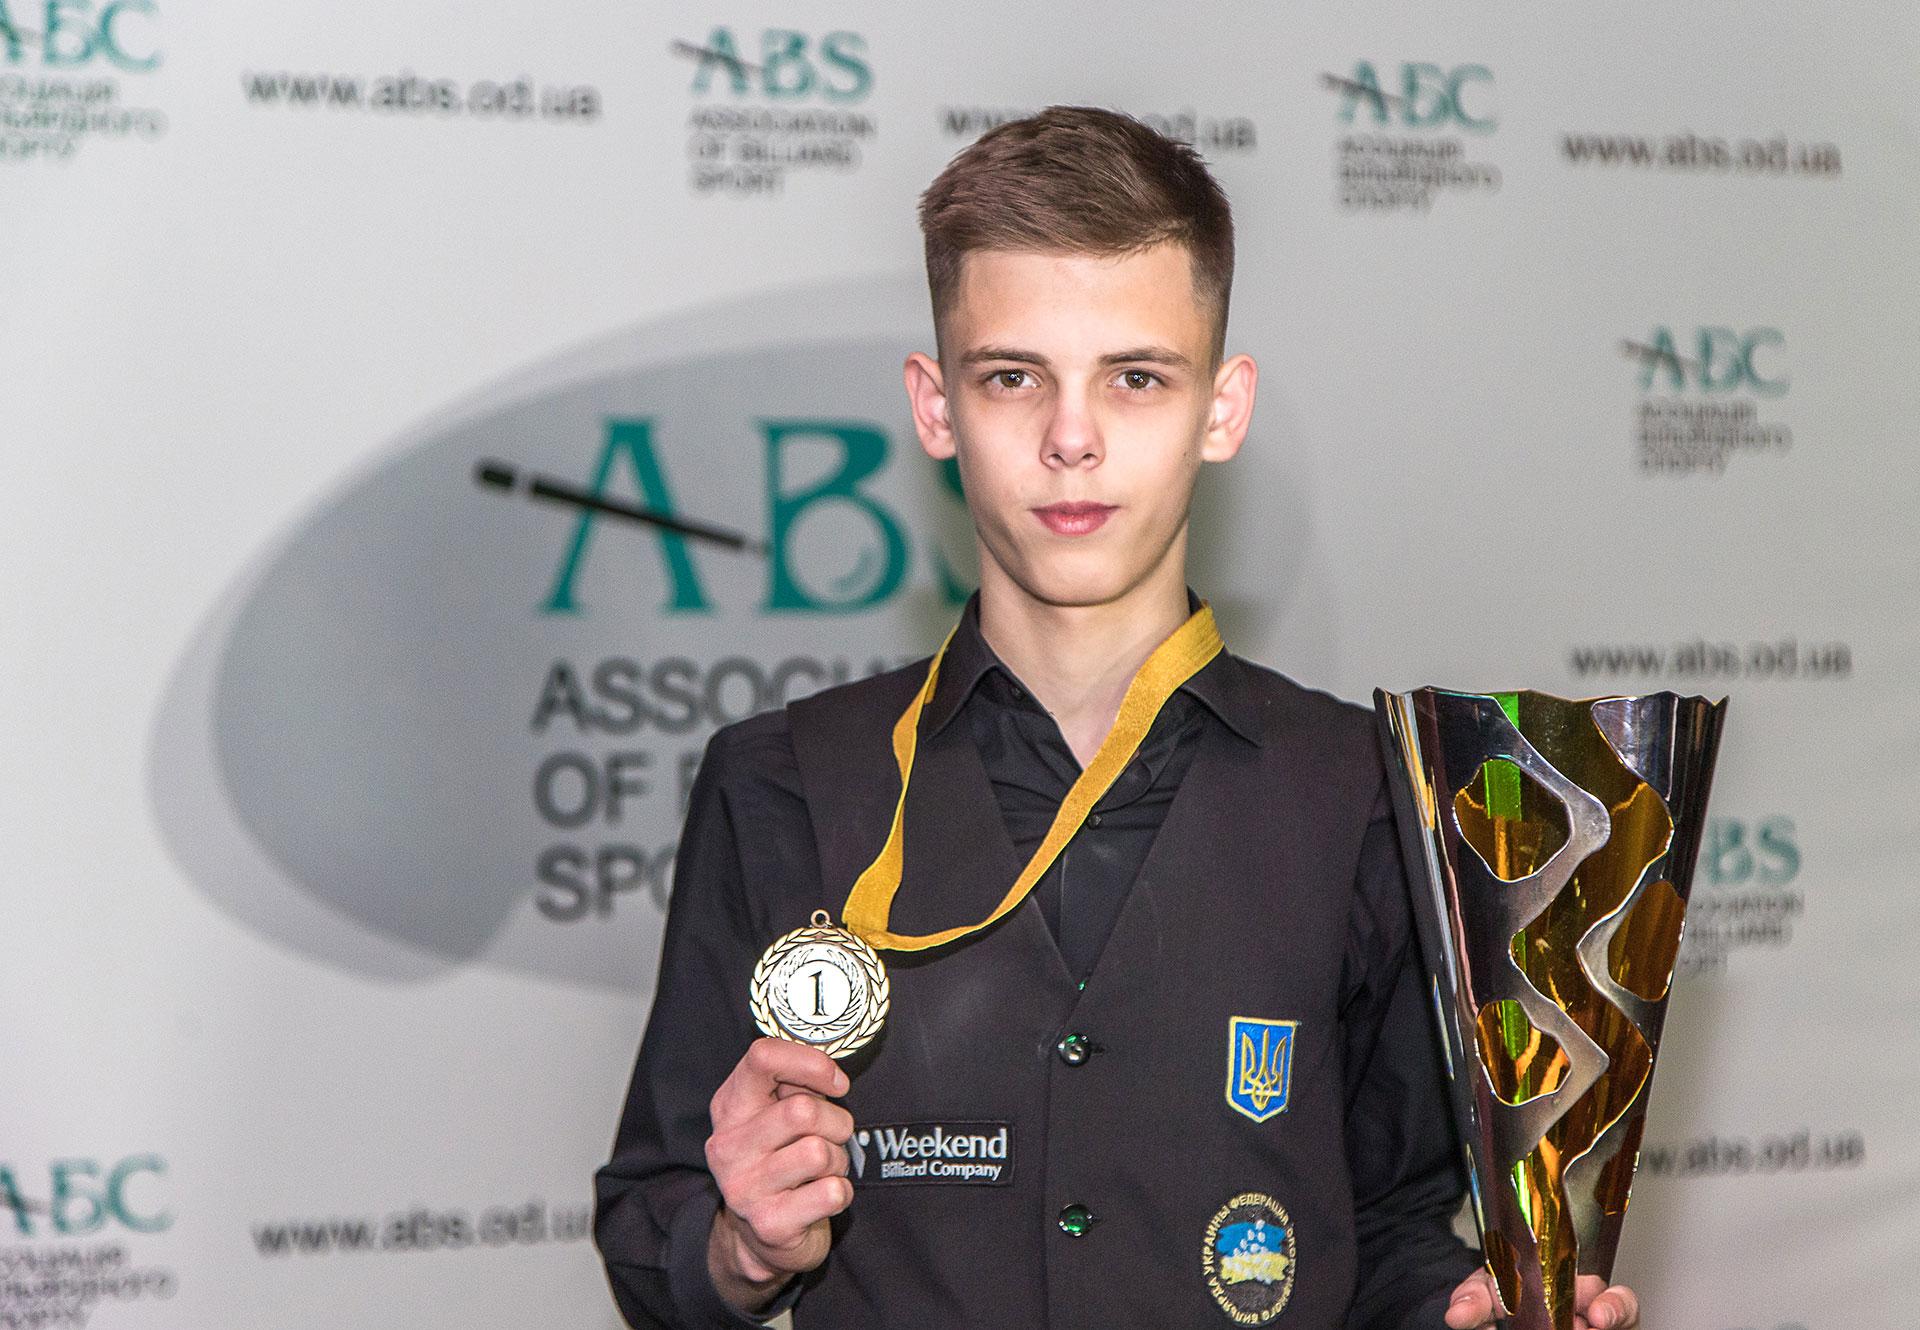 Владислав Еленич стал победителем кубка ABS CUP 2019 в Одессе